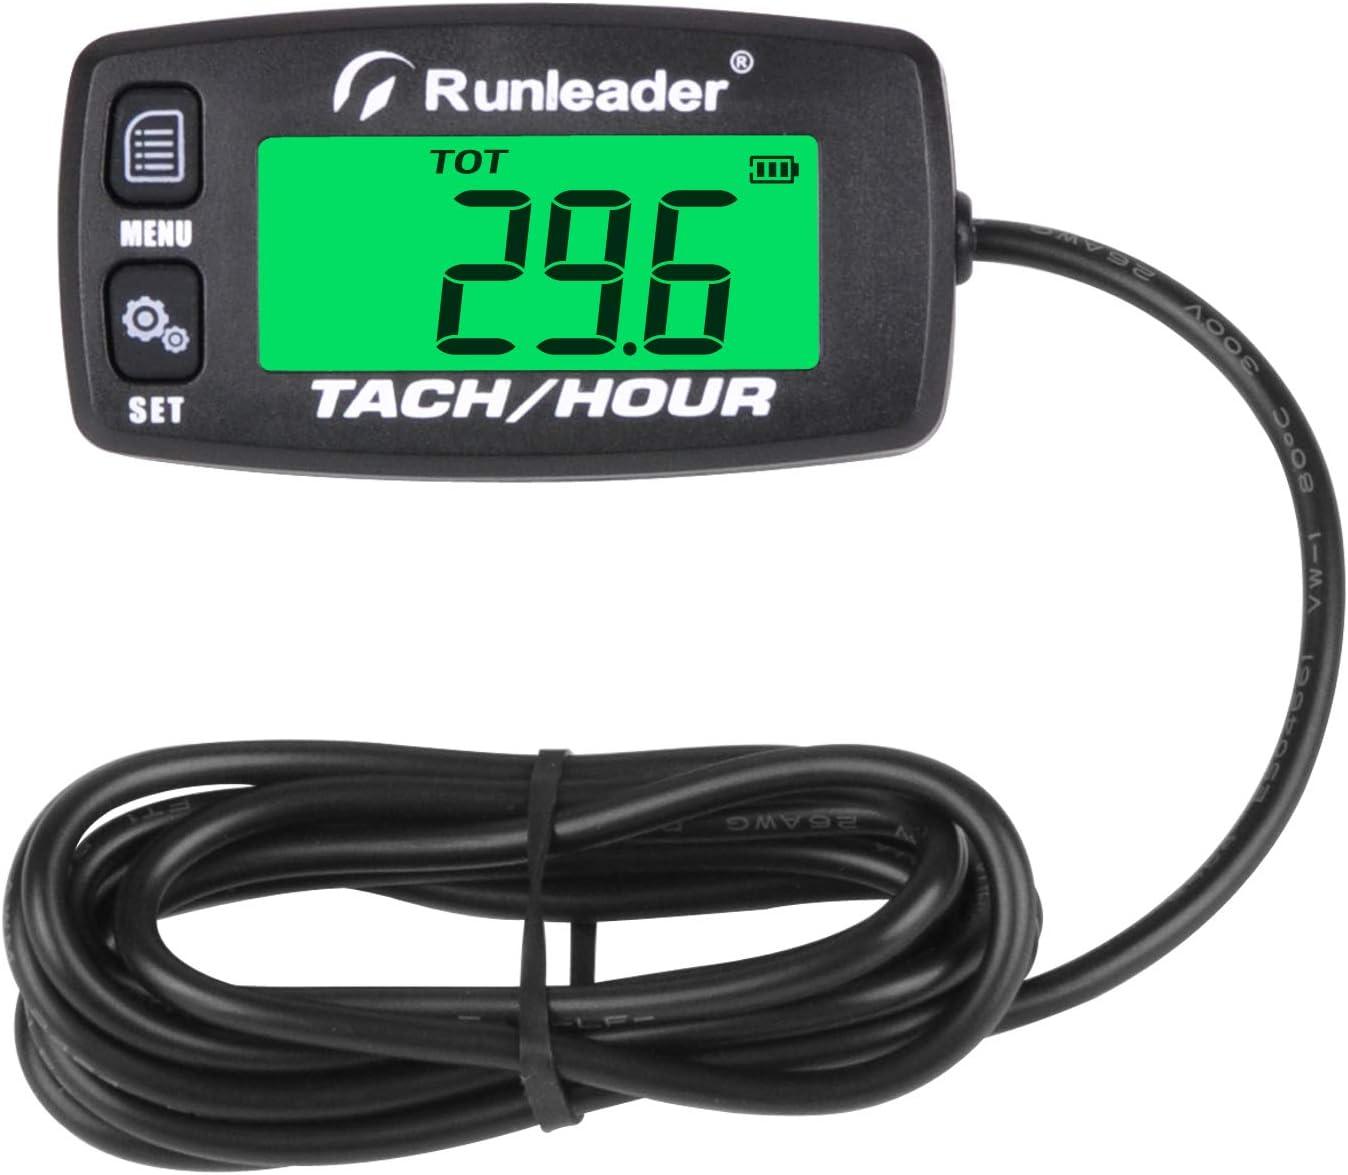 Runleader Compteur horaire moteur num/érique,tachym/ètre de rappel de maintenance pour tondeuse /à gazon autoport/ée G/én/érateur Moto Compresseur de motoneige et /équipement /à essence Button-BK